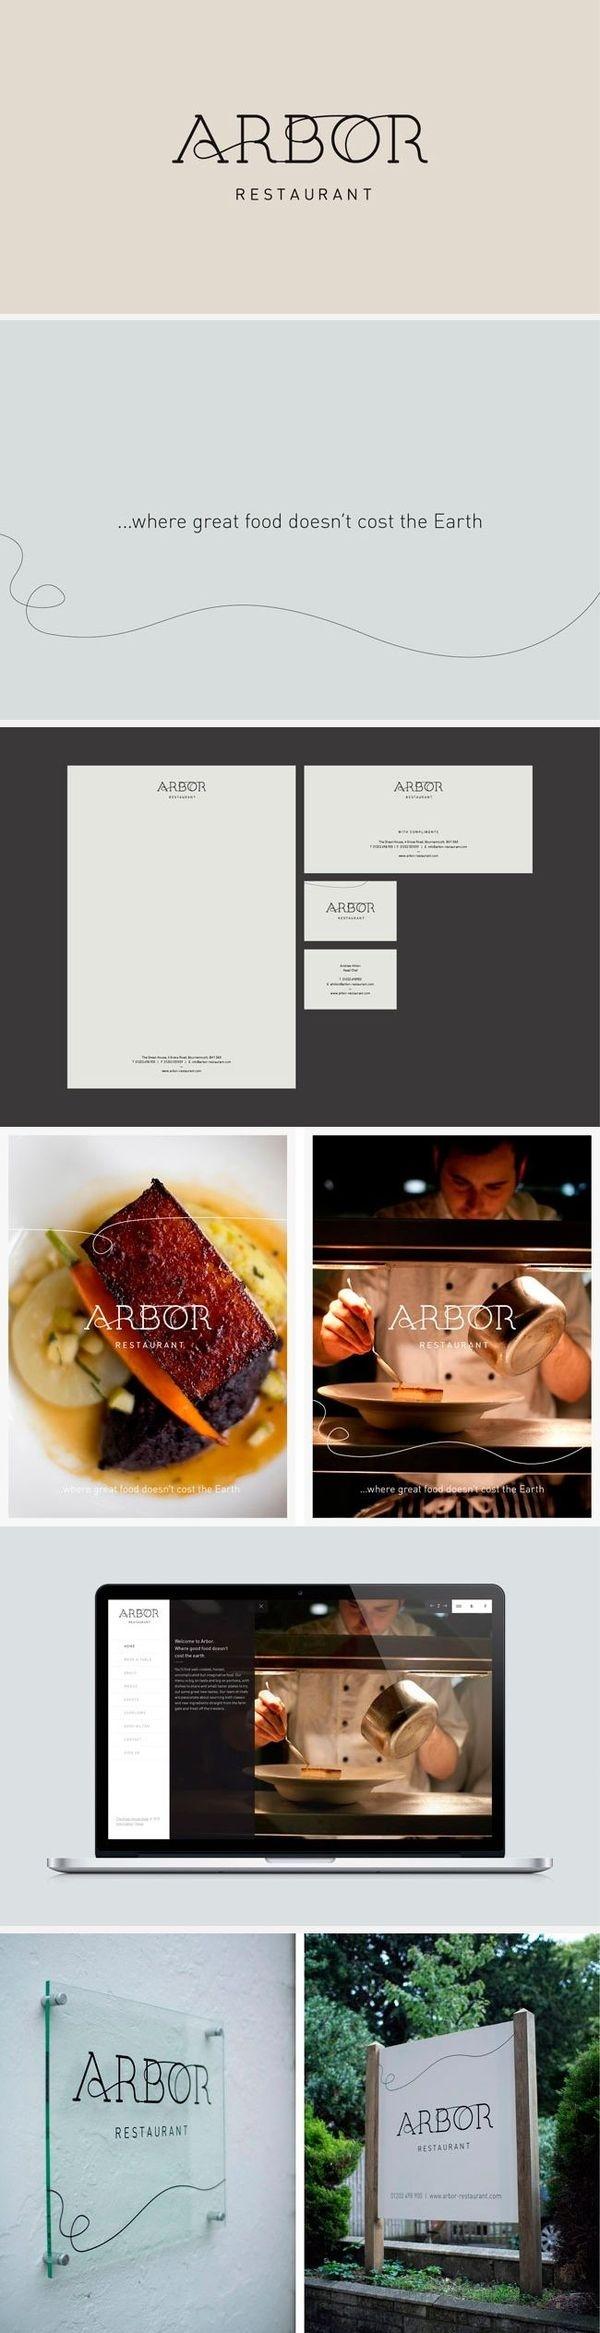 identity / Arbor restaurant #catering